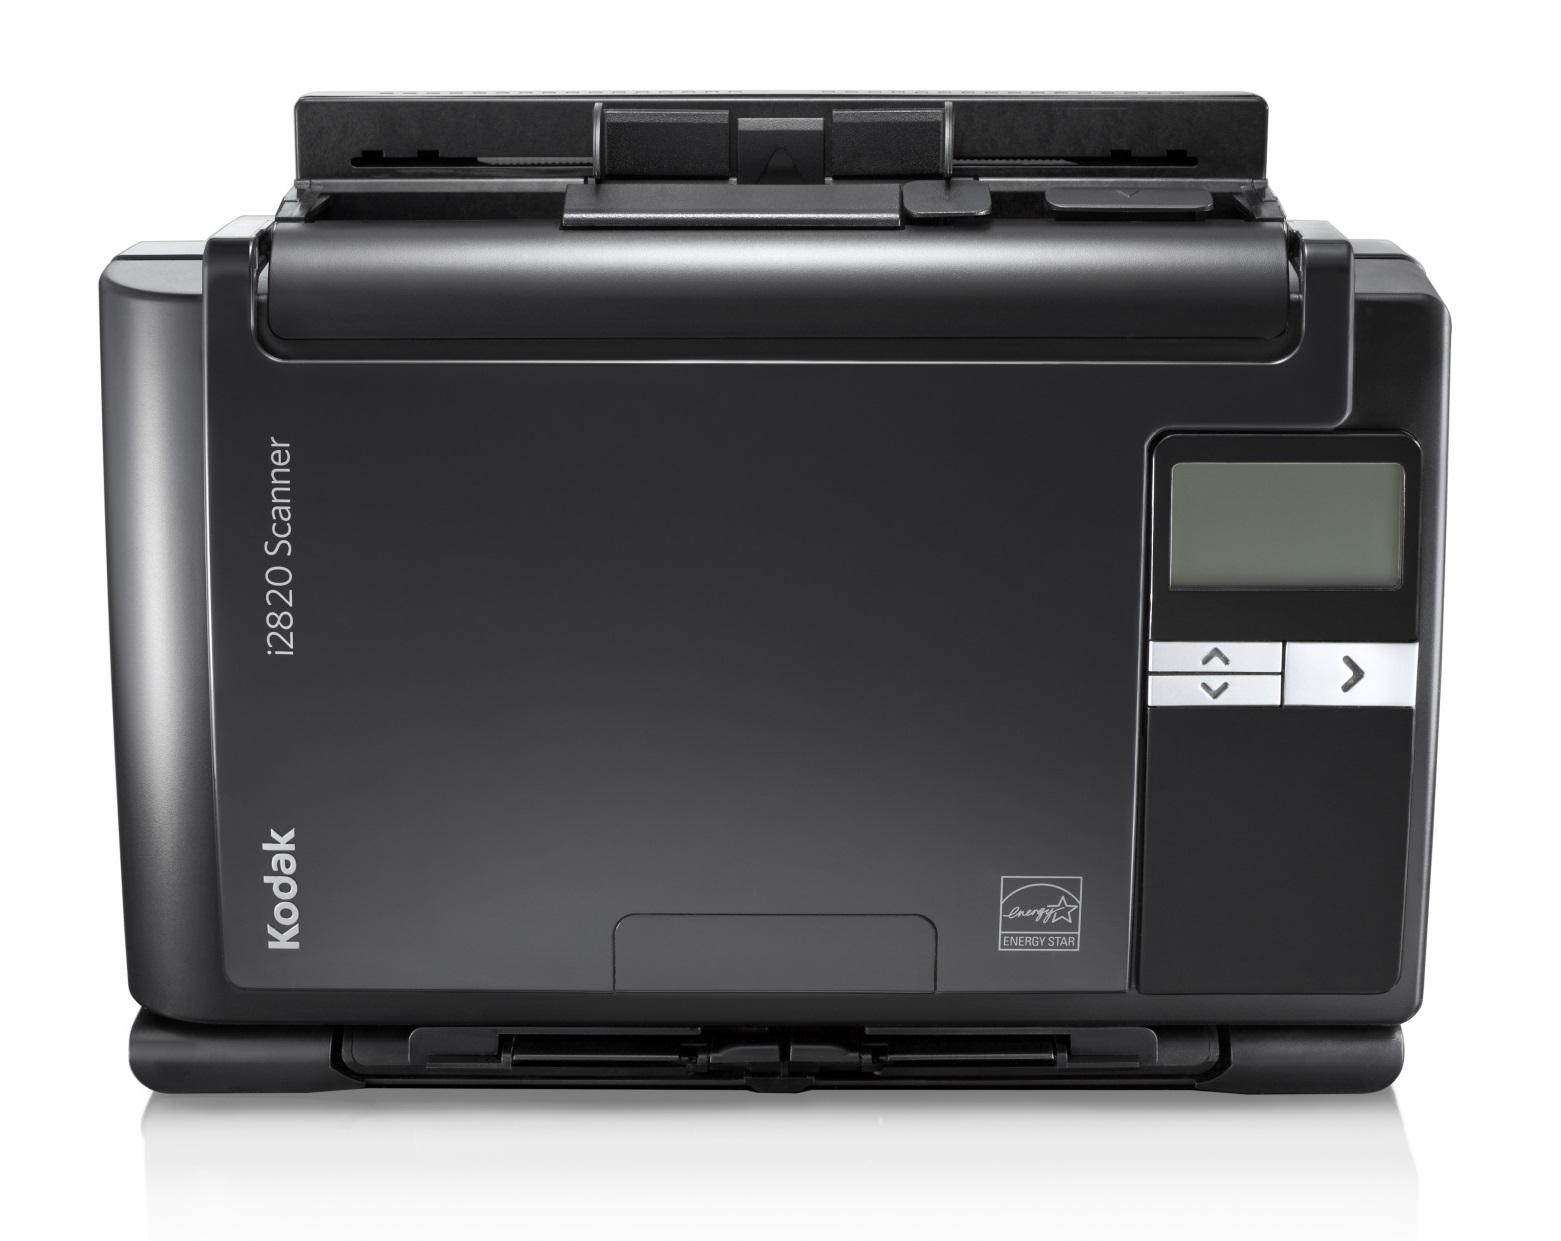 i2820 kodak scanner